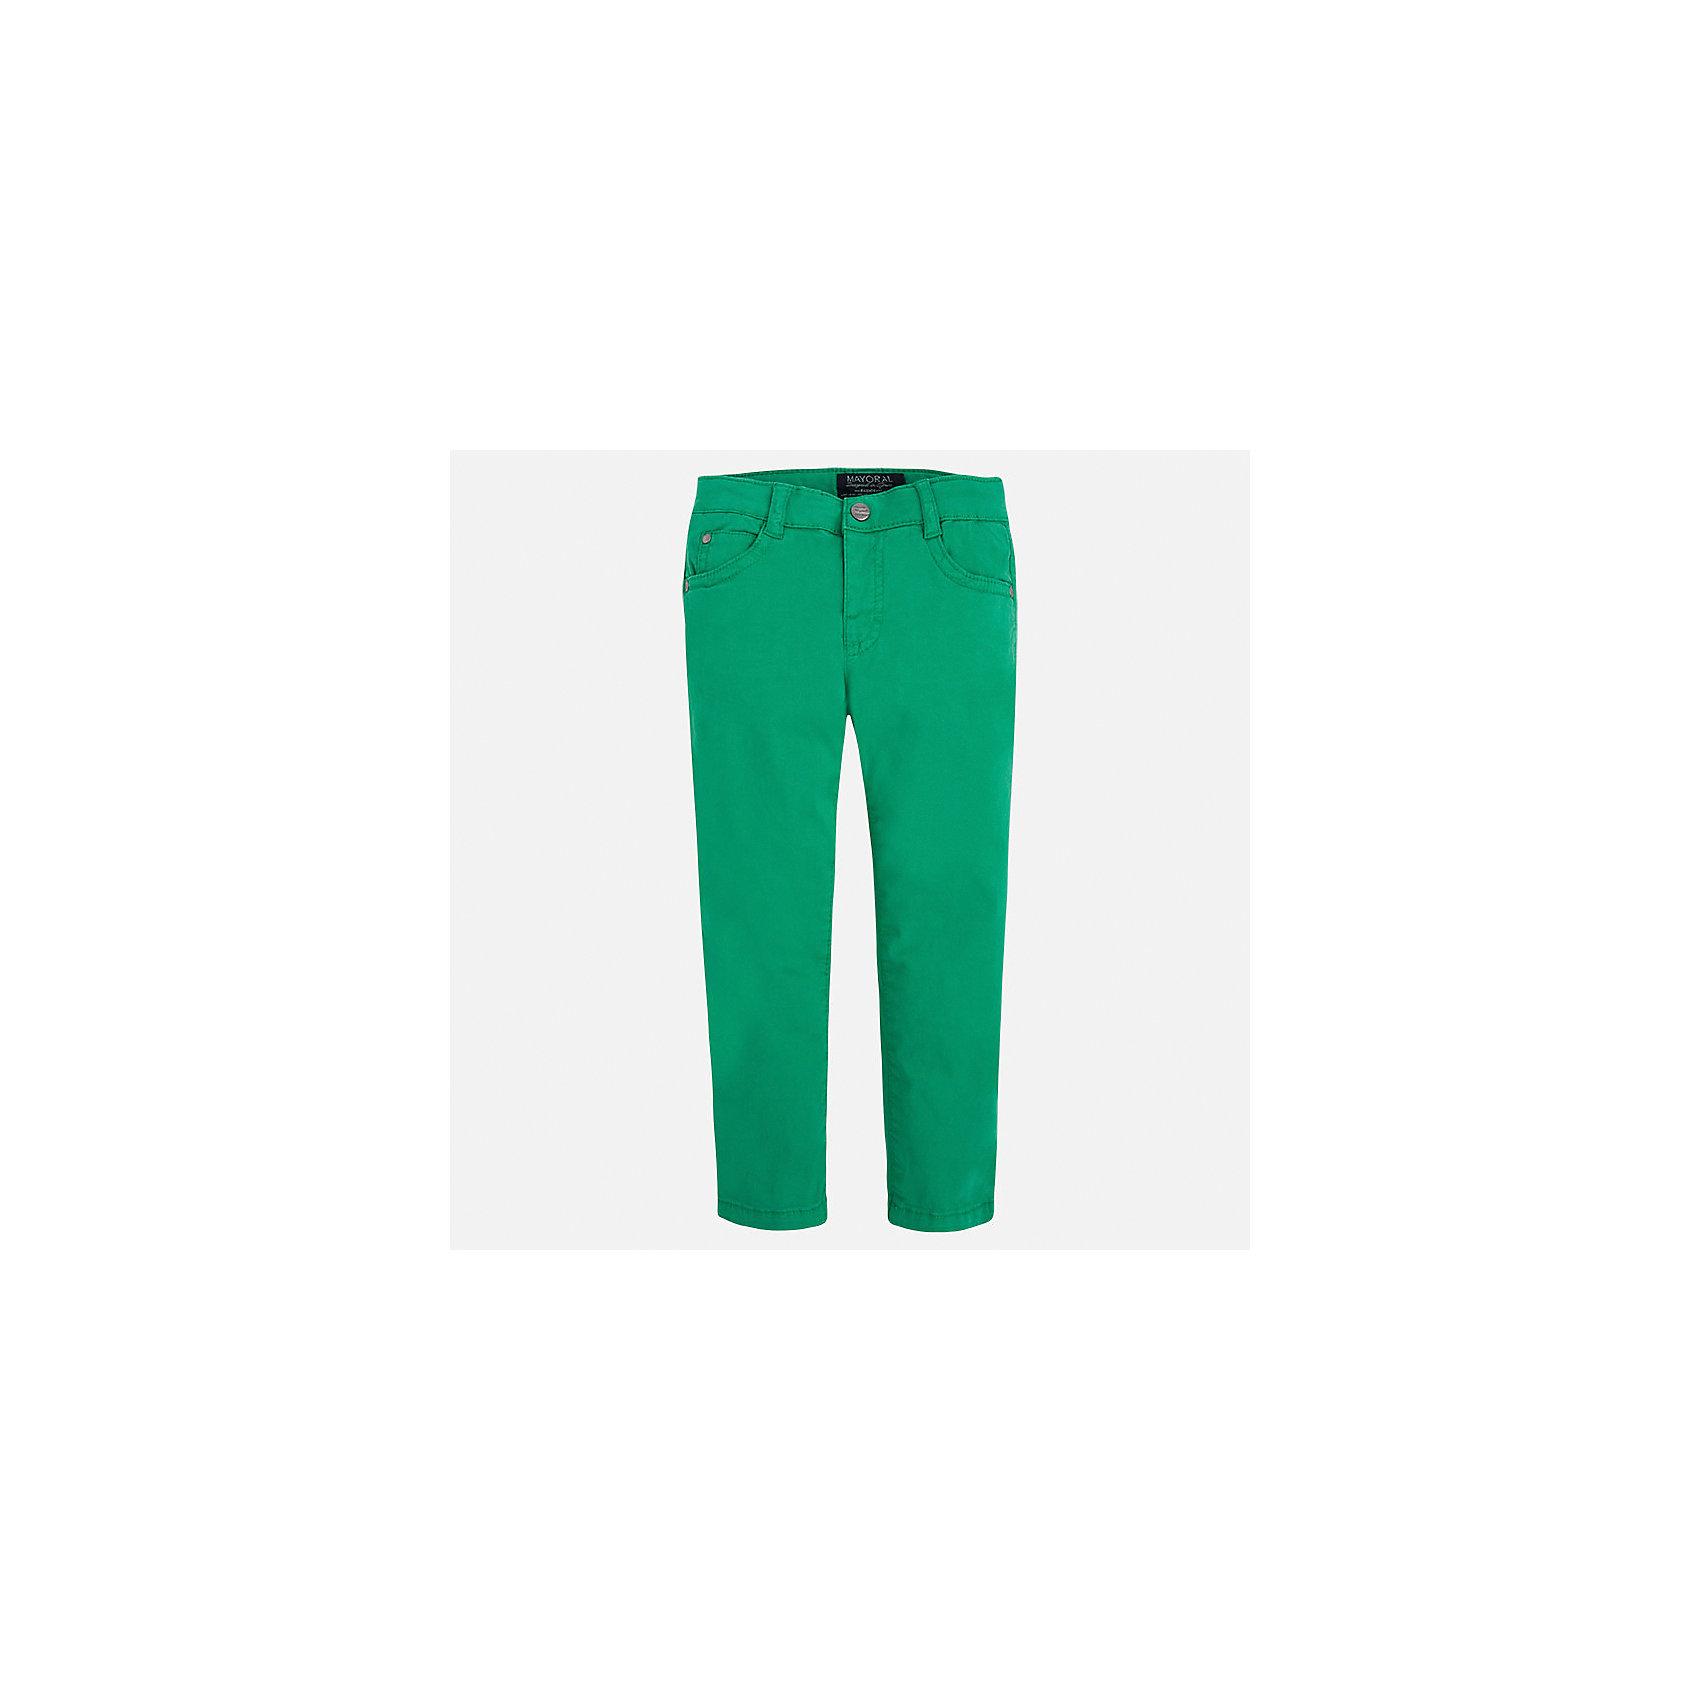 Брюки для мальчика MayoralБрюки<br>Характеристики товара:<br><br>• цвет: зеленый<br>• состав: 98% хлопок, 2% эластан<br>• застежка: кнопка<br>• шлевки<br>• карманы<br>• пояс с регулировкой размера<br>• классический силуэт<br>• страна бренда: Испания<br><br>Модные брюки для мальчика смогут стать базовой вещью в гардеробе ребенка. Они отлично сочетаются с майками, футболками, рубашками и т.д. Универсальный крой и цвет позволяет подобрать к вещи верх разных расцветок. Практичное и стильное изделие! В составе материала - натуральный хлопок, гипоаллергенный, приятный на ощупь, дышащий.<br><br>Одежда, обувь и аксессуары от испанского бренда Mayoral полюбились детям и взрослым по всему миру. Модели этой марки - стильные и удобные. Для их производства используются только безопасные, качественные материалы и фурнитура. Порадуйте ребенка модными и красивыми вещами от Mayoral! <br><br>Брюки для мальчика от испанского бренда Mayoral (Майорал) можно купить в нашем интернет-магазине.<br><br>Ширина мм: 215<br>Глубина мм: 88<br>Высота мм: 191<br>Вес г: 336<br>Цвет: зеленый<br>Возраст от месяцев: 60<br>Возраст до месяцев: 72<br>Пол: Мужской<br>Возраст: Детский<br>Размер: 116,110,104,98,92,122,134,128<br>SKU: 5278035